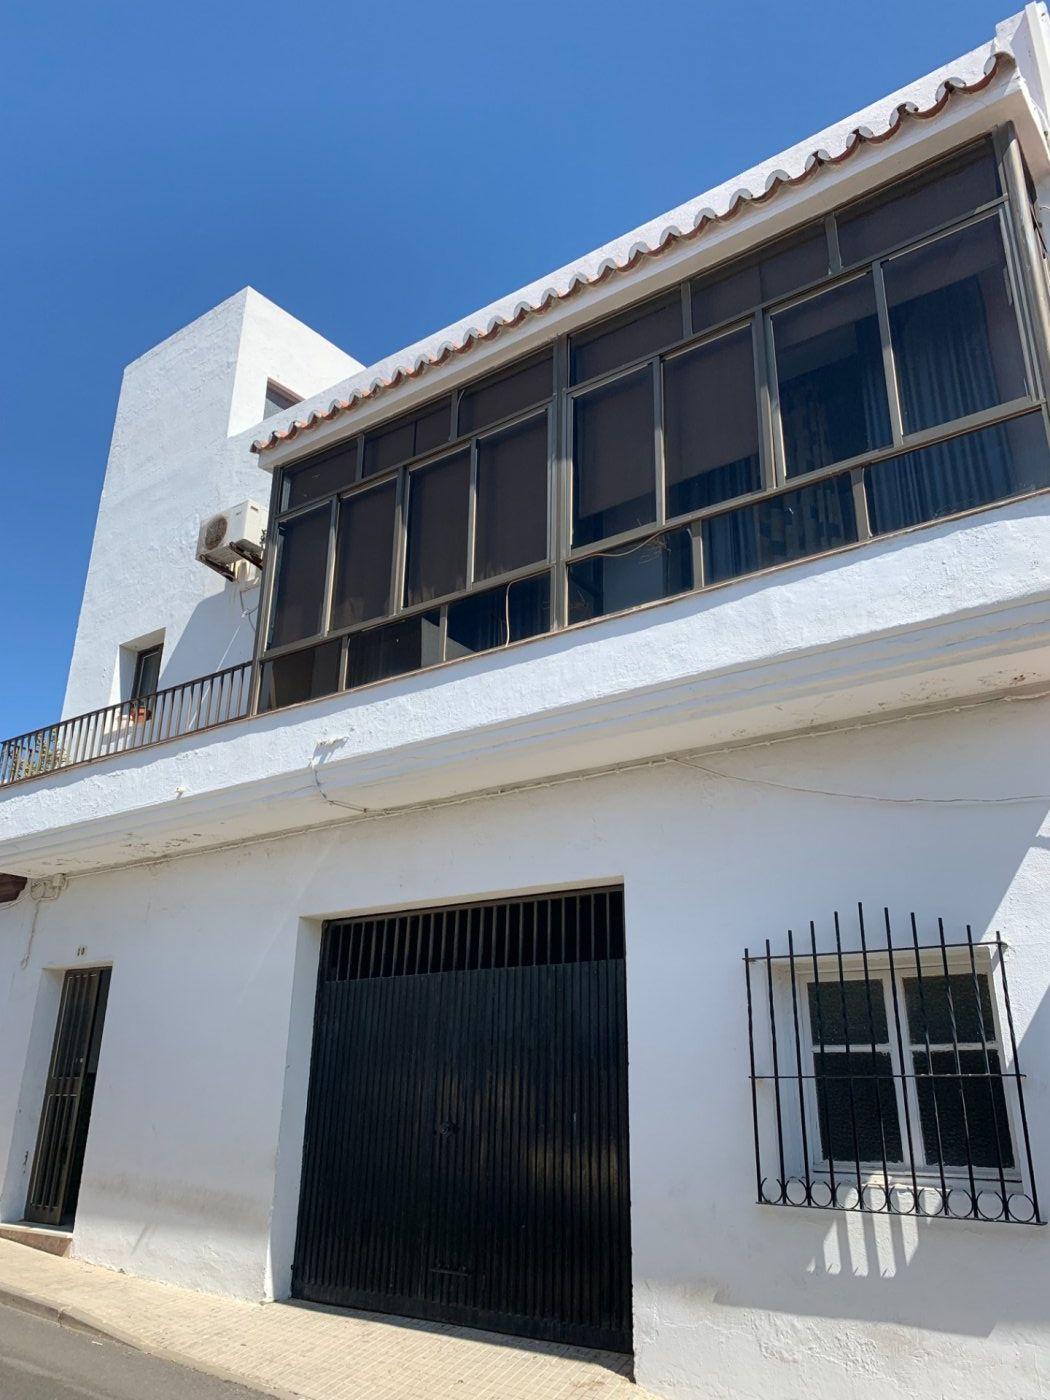 casa en chiclana-de-la-frontera · carretera-de-medina 75000€